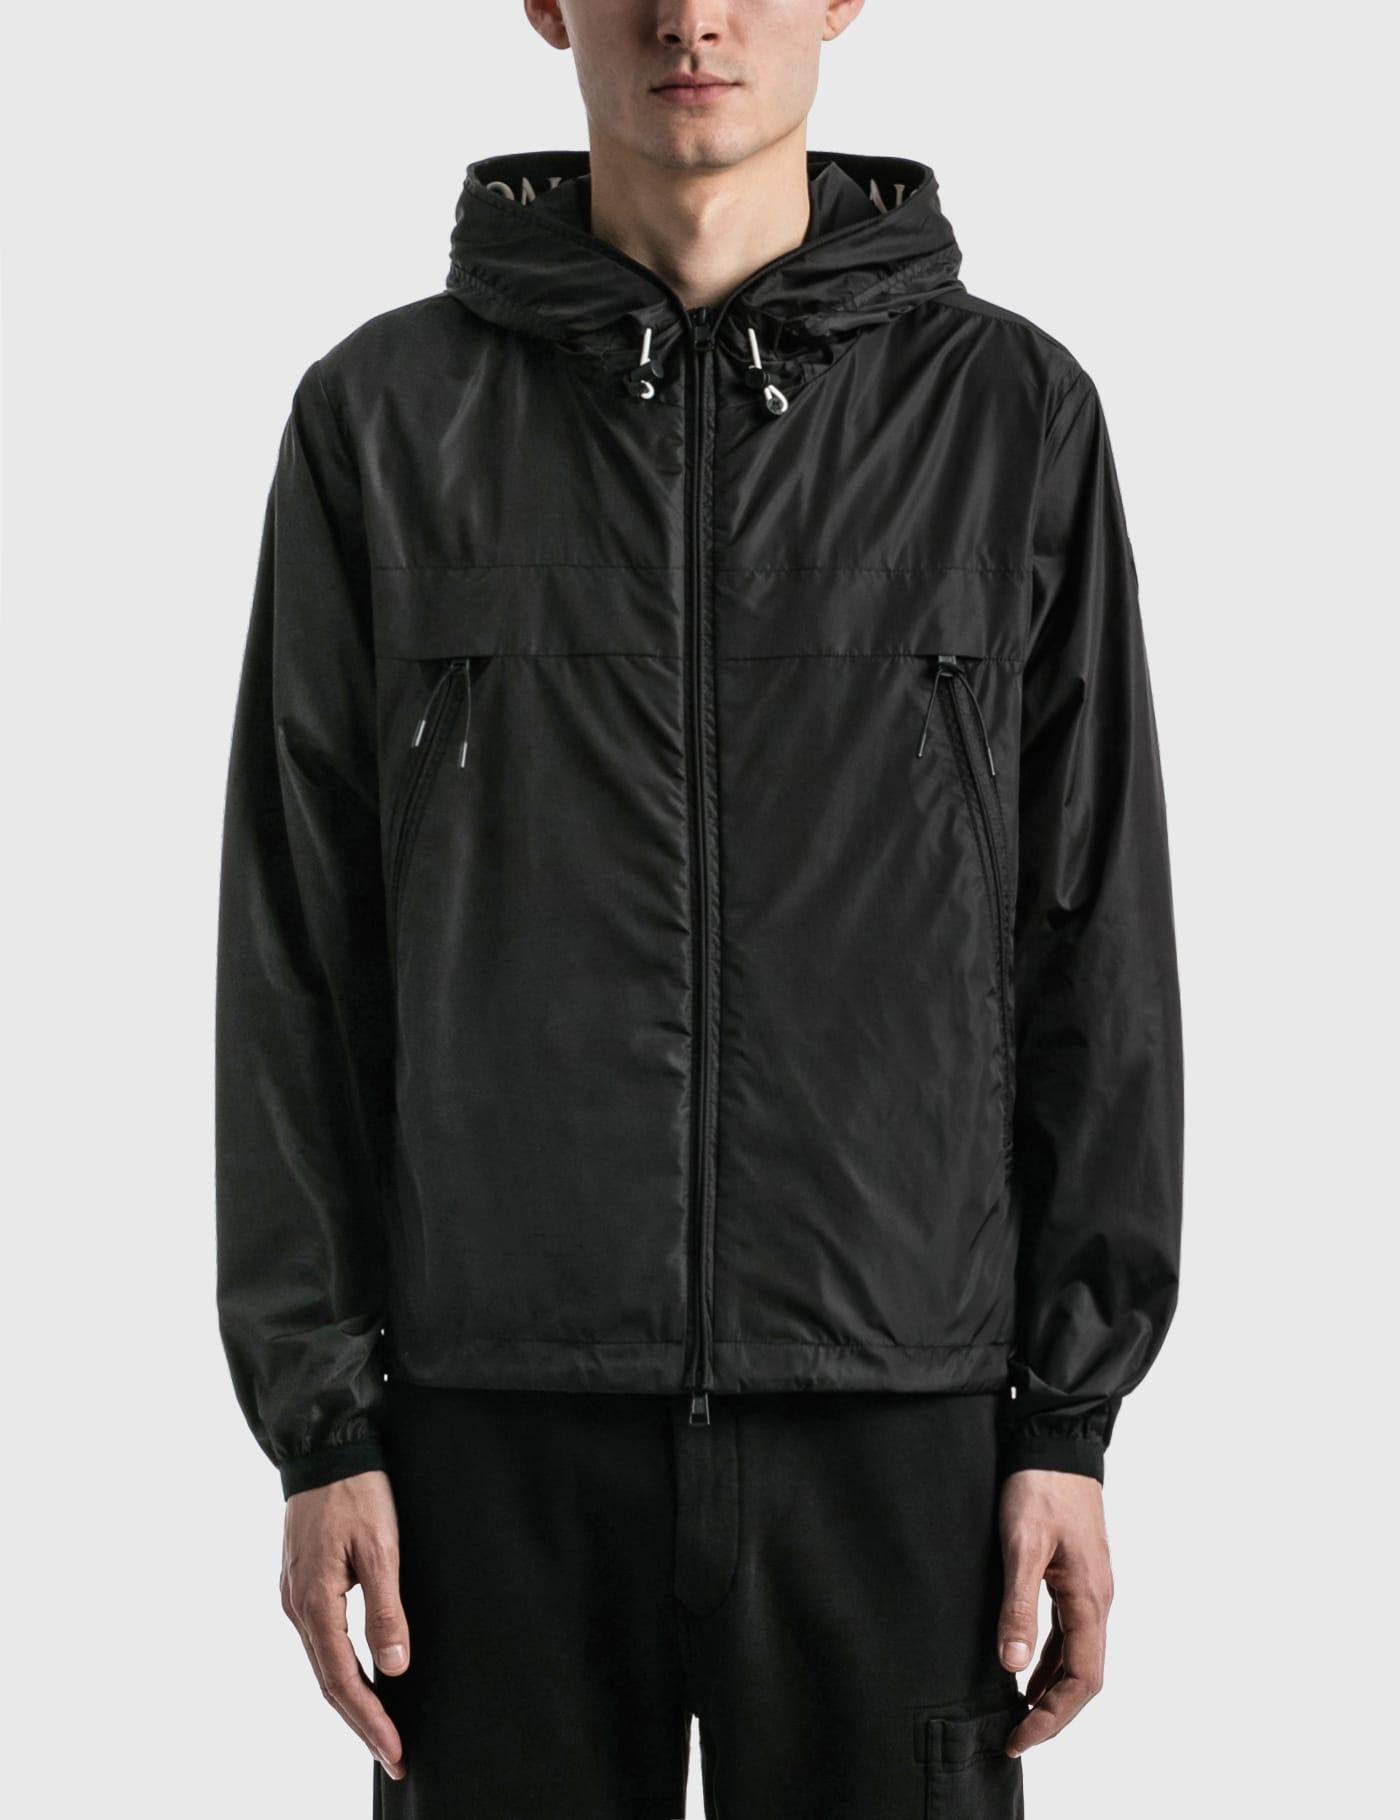 몽클레어 맨 자켓 Moncler Massereau Jacket